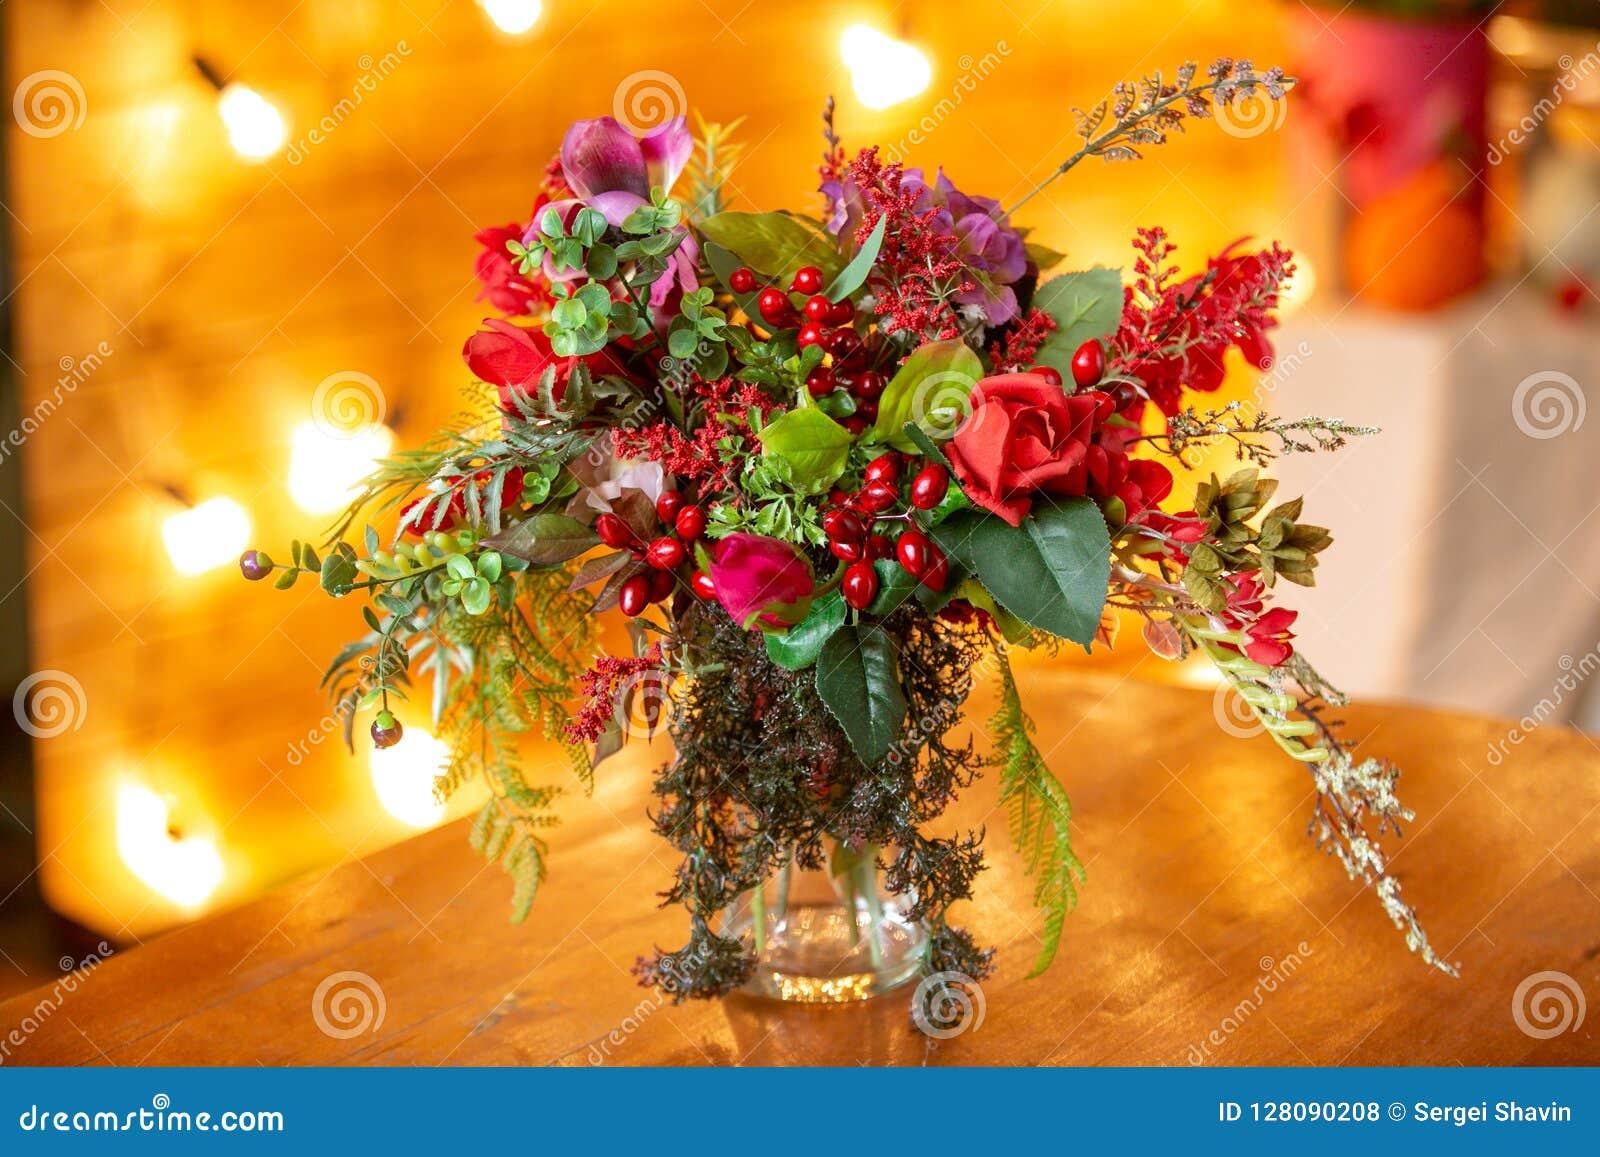 Blumenanordnung mit roten Beeren, roten Rosen und Grüns auf dem Tisch